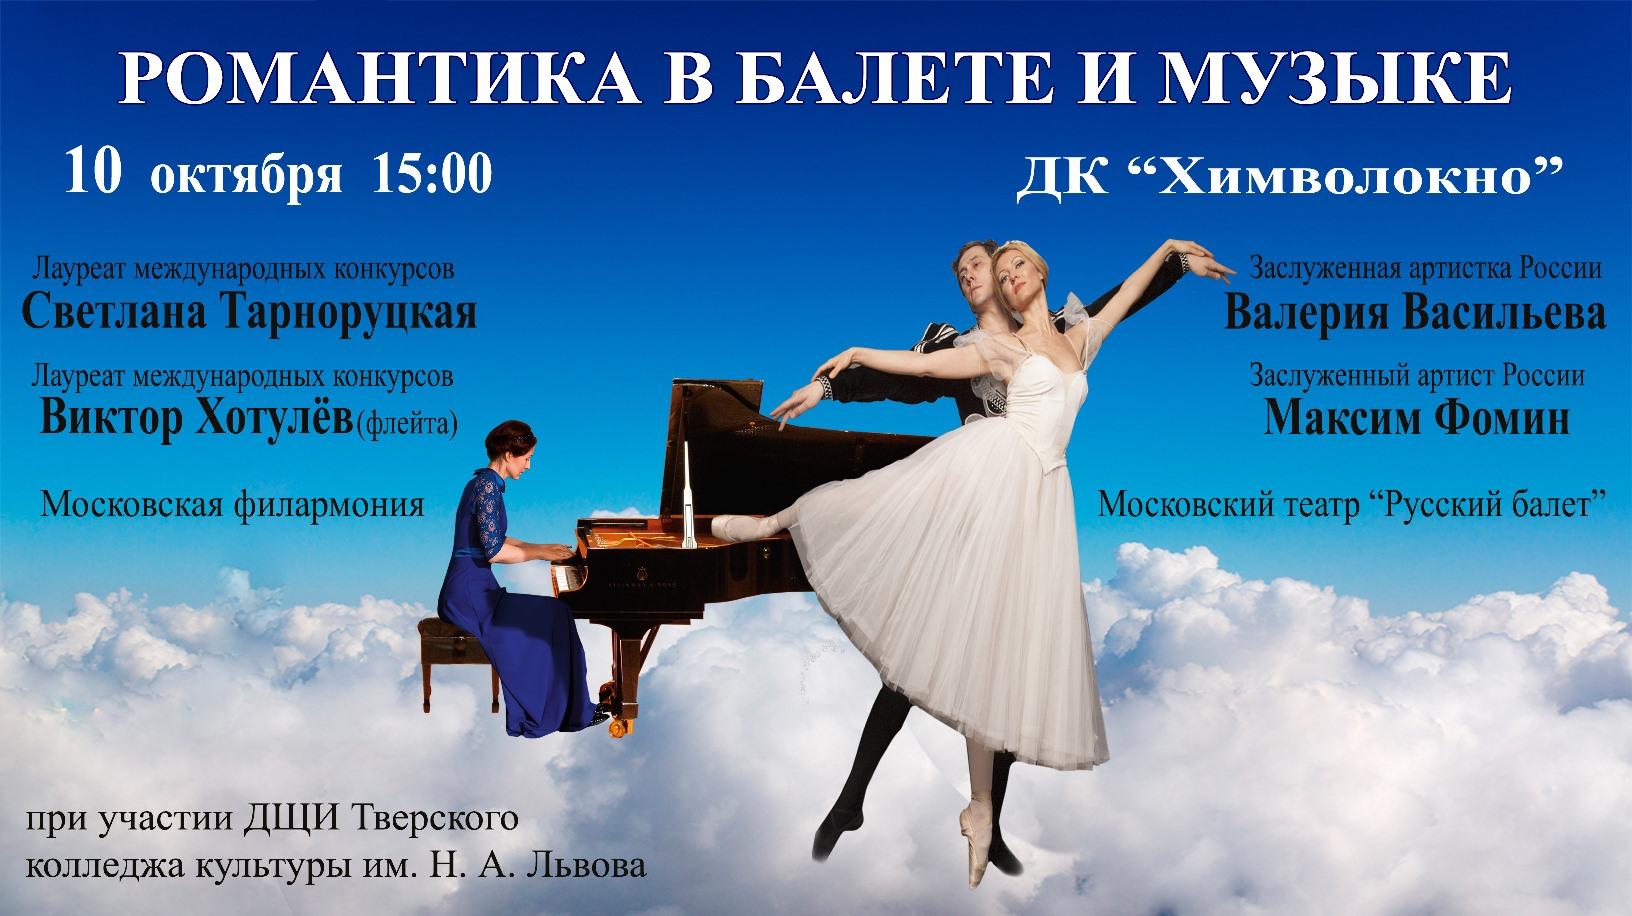 Театр «Русский балет» и солисты Московской филармонии представят в Твери романтический дивертисмент